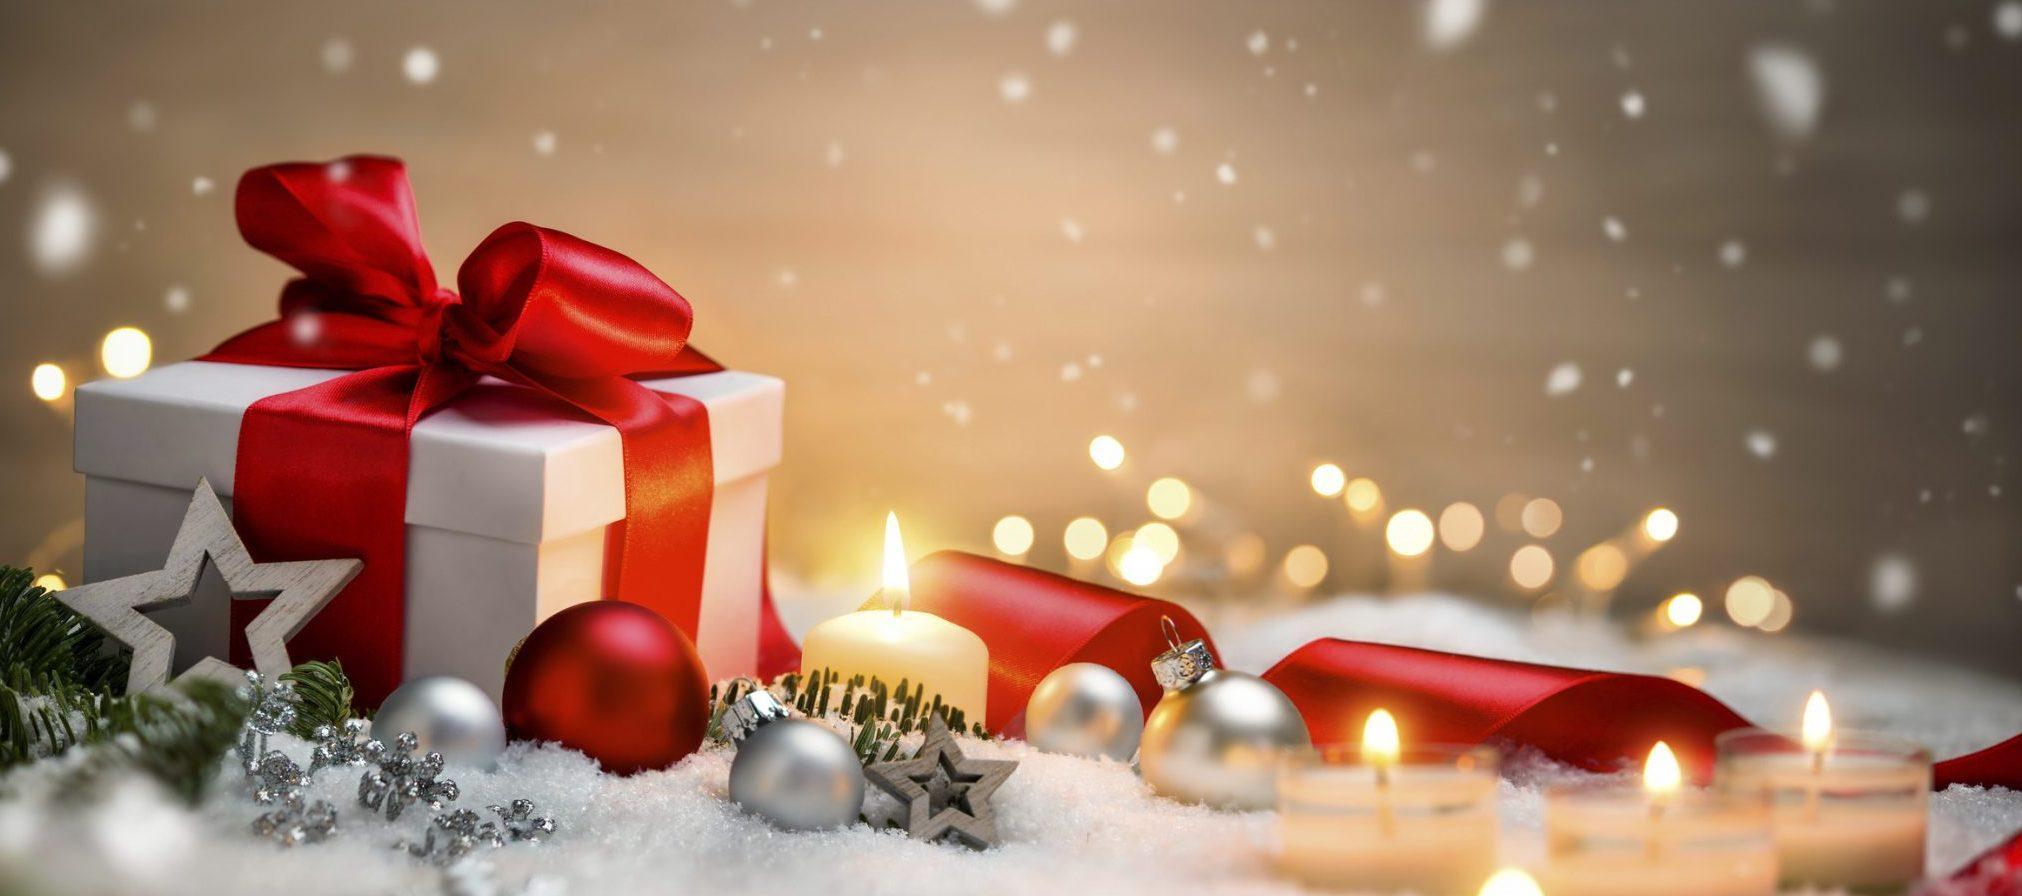 4 Weihnachtliche Übernachtungen Mit 2 Festlichen Menüs Im